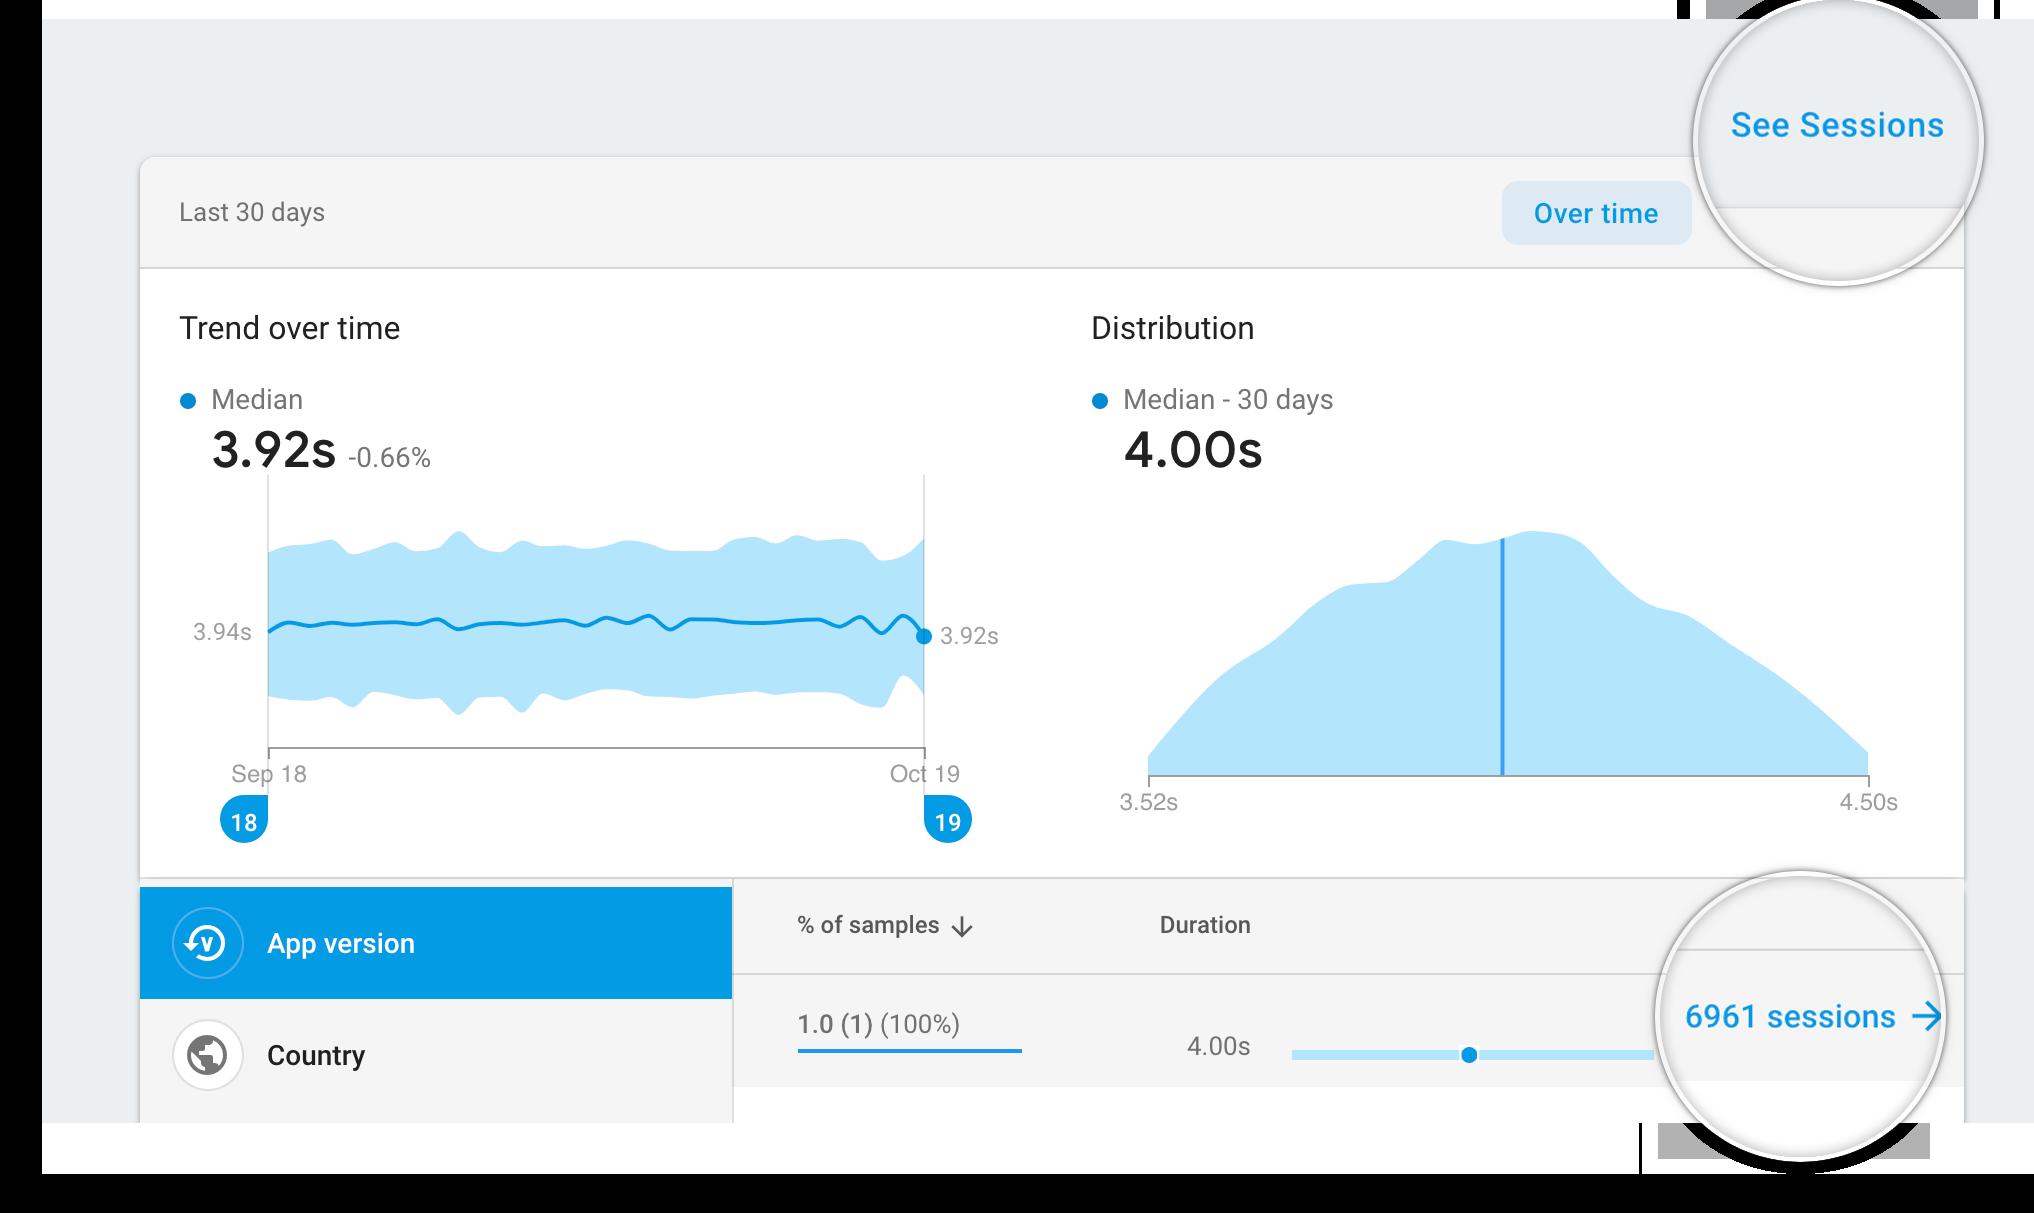 изображение трассировки Firebase Performance Monitoring со ссылкой на сеансы